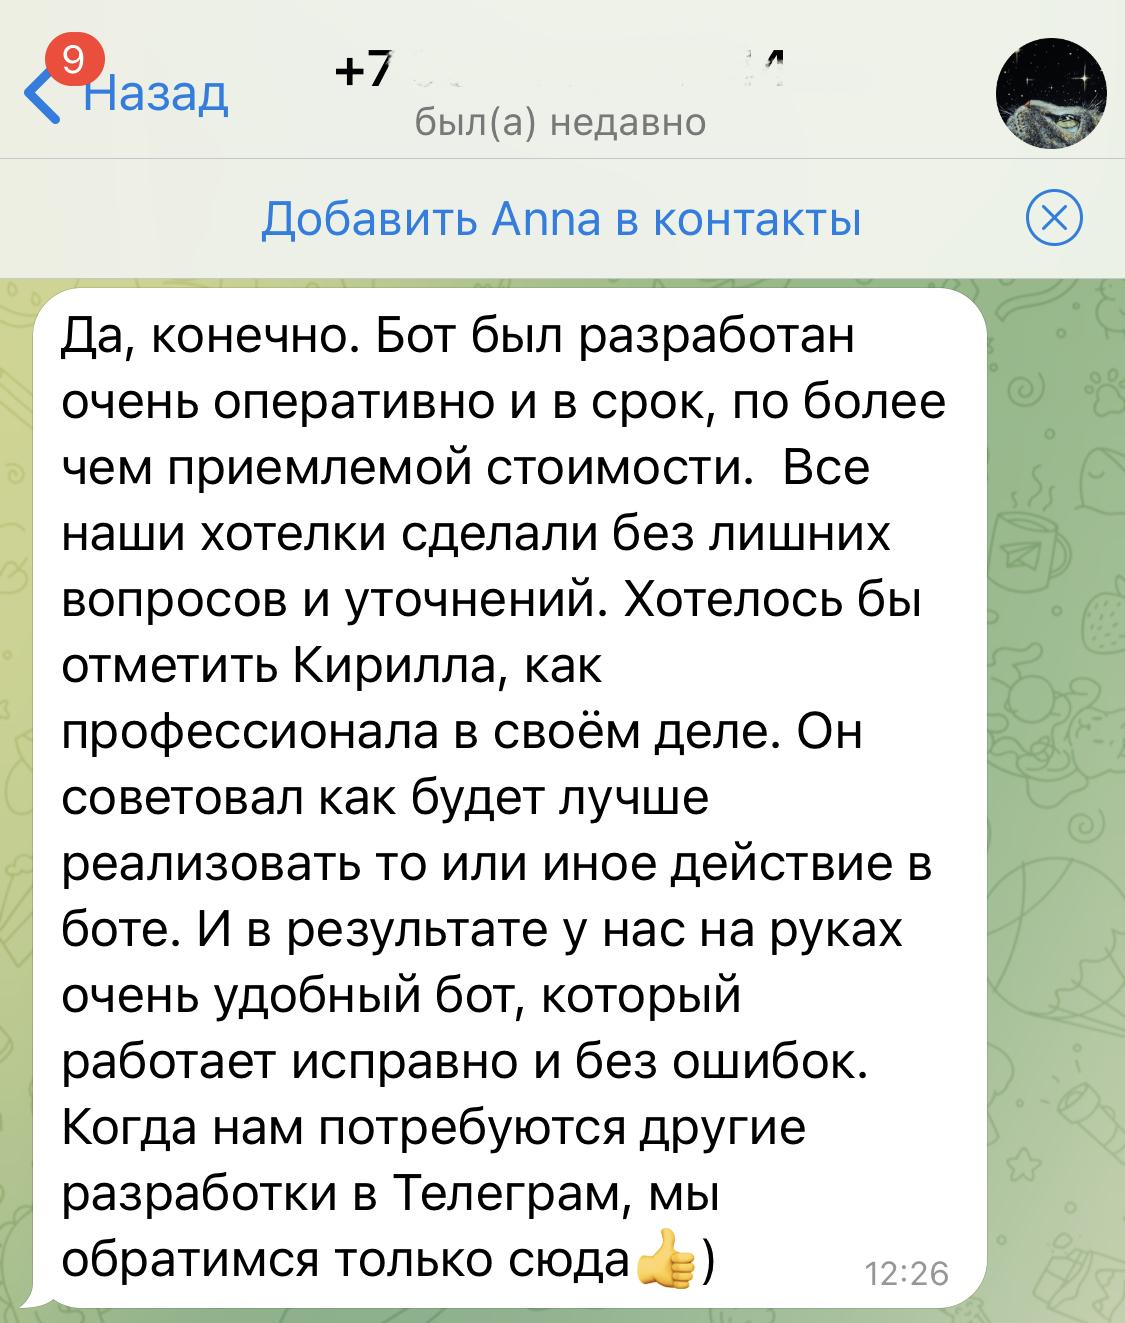 Отзыв от Анны (ООО ТПК Вартон)